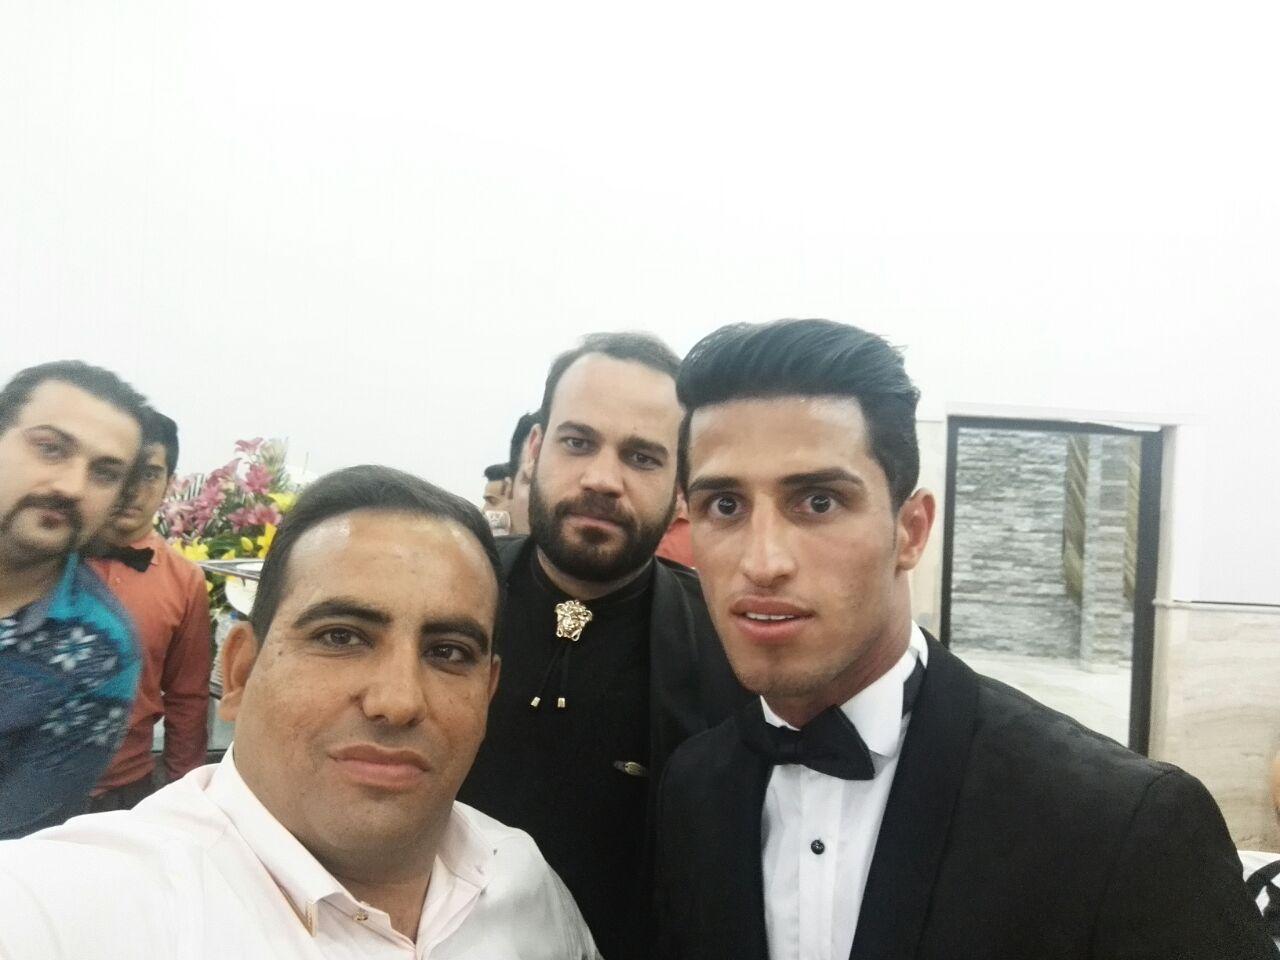 1464243176 عکس های بازیکنان پرسپولیس در مراسم عروسی علی علیپور